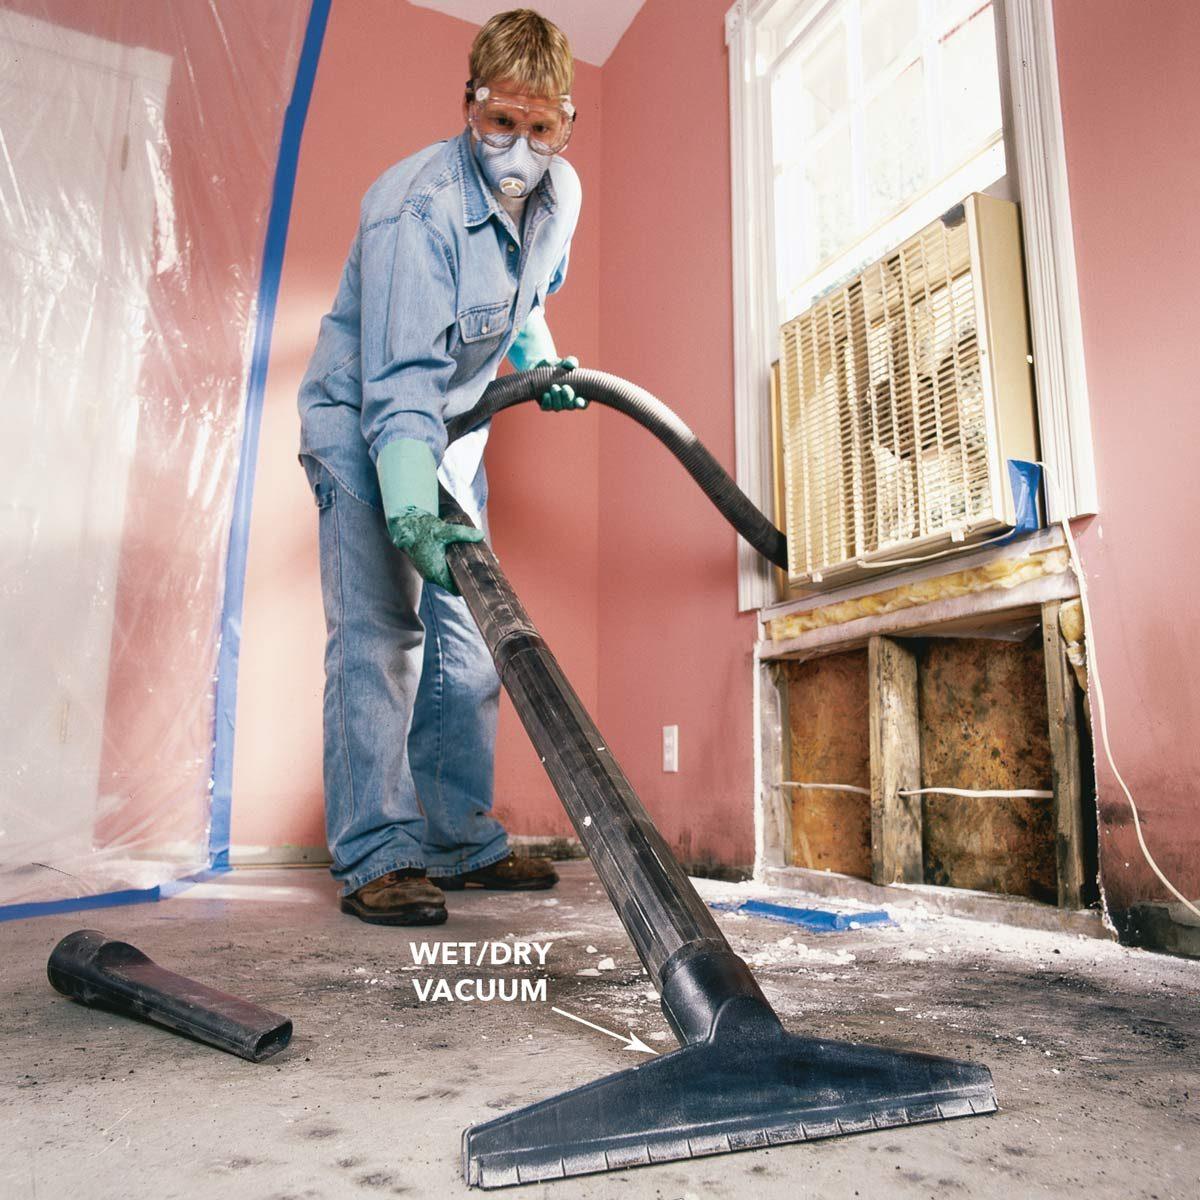 Vacuum moldy debris